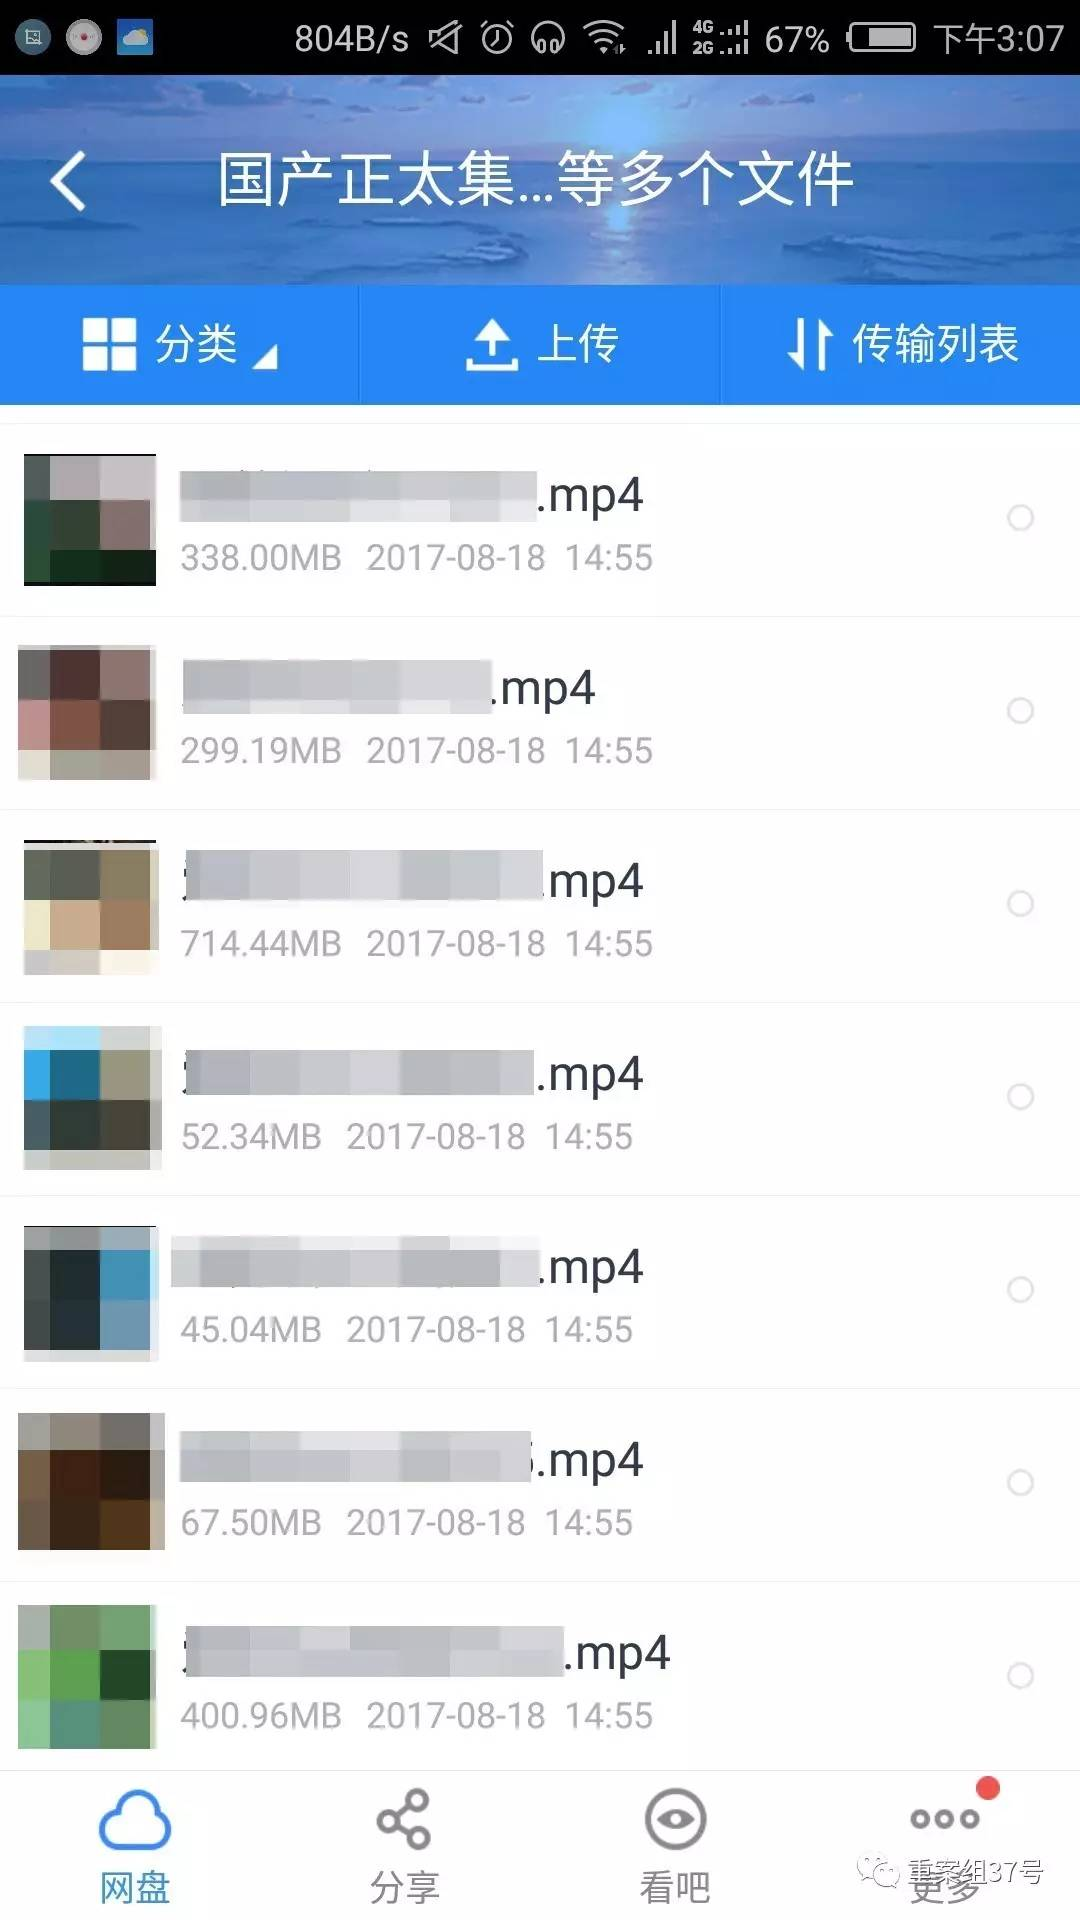 ▲捕快付出22 元买的百部正太视频,均为儿童色情内容。  手机截图